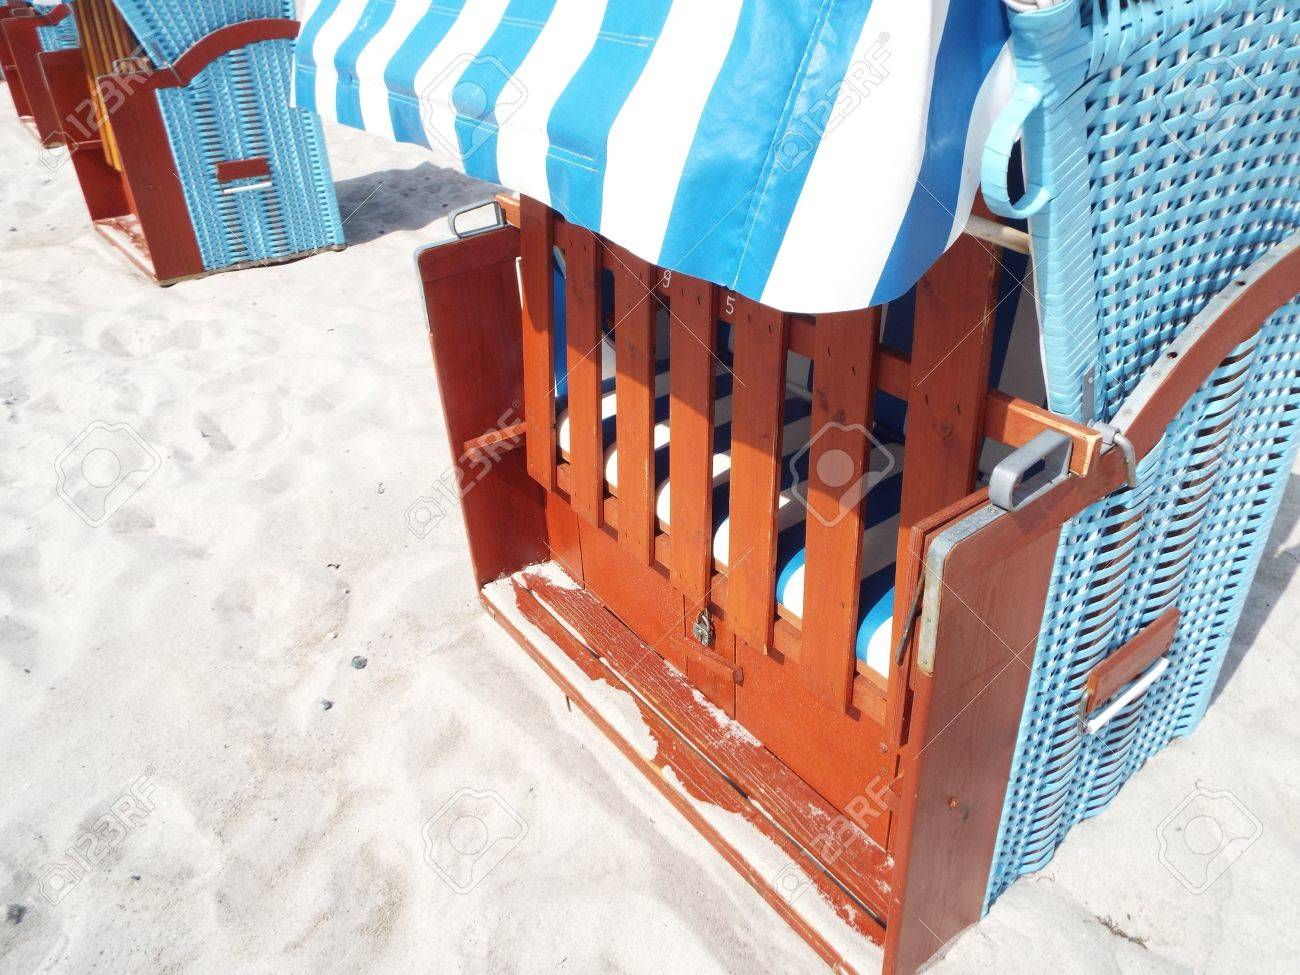 Preseason at the Baltic Sea - Partial view of a blue beach basket on a sandy beach. - 77355980